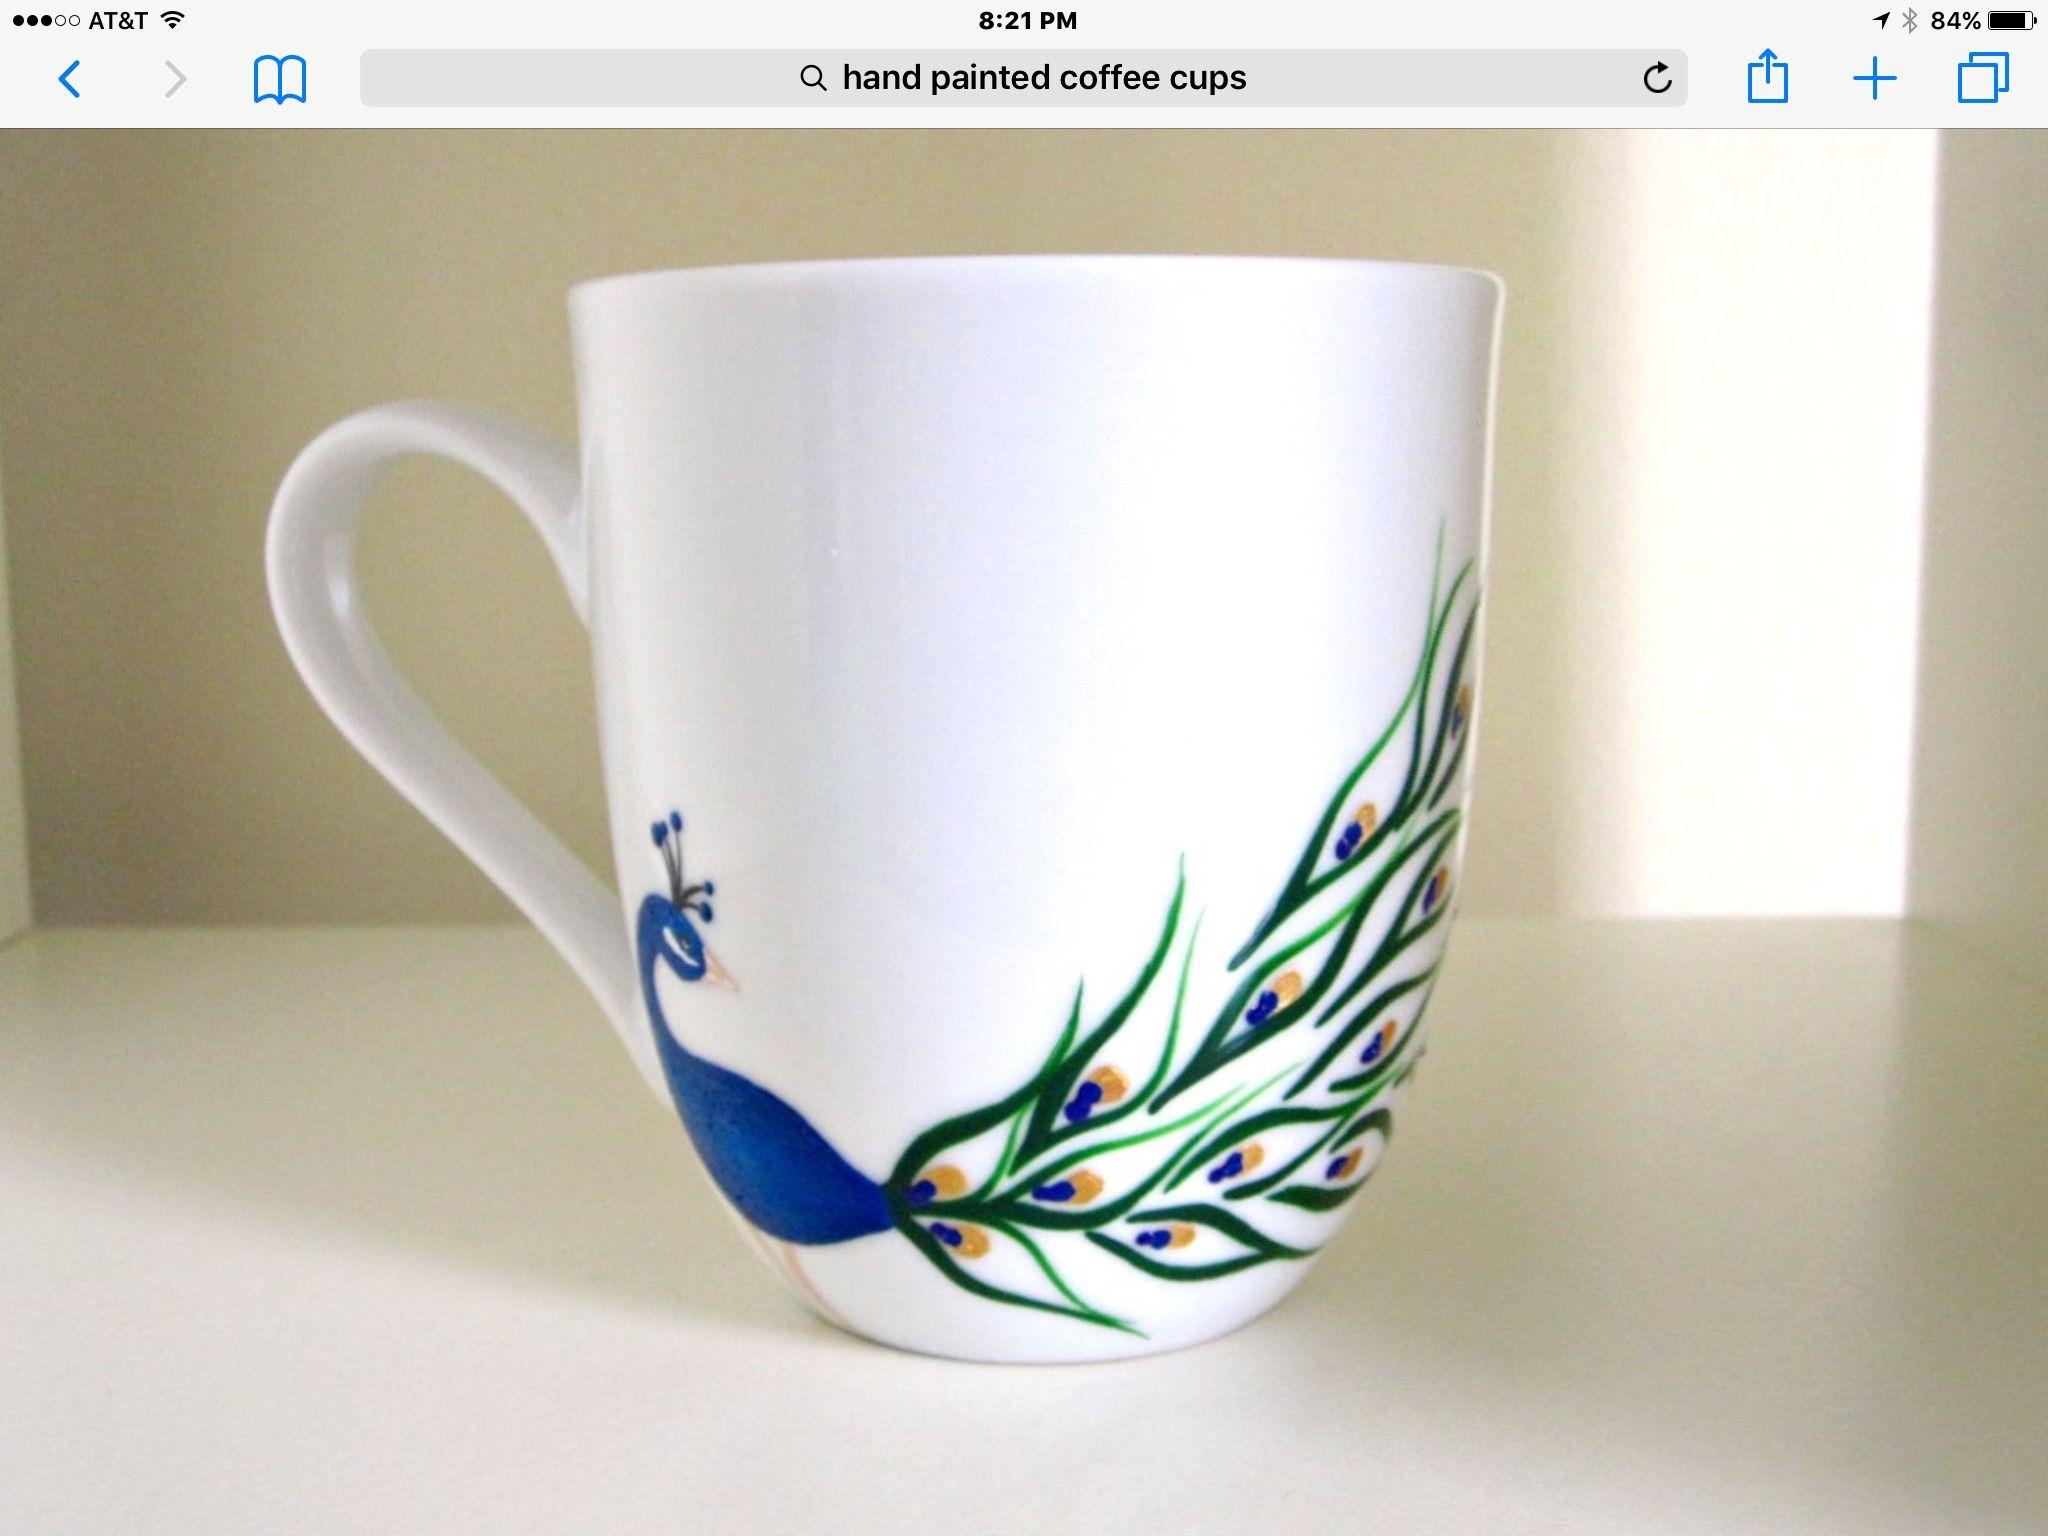 Busca coffee en Etsy, el lugar para expresar tu creatividad mediante la  compra y venta de productos vintage y hechos a mano.